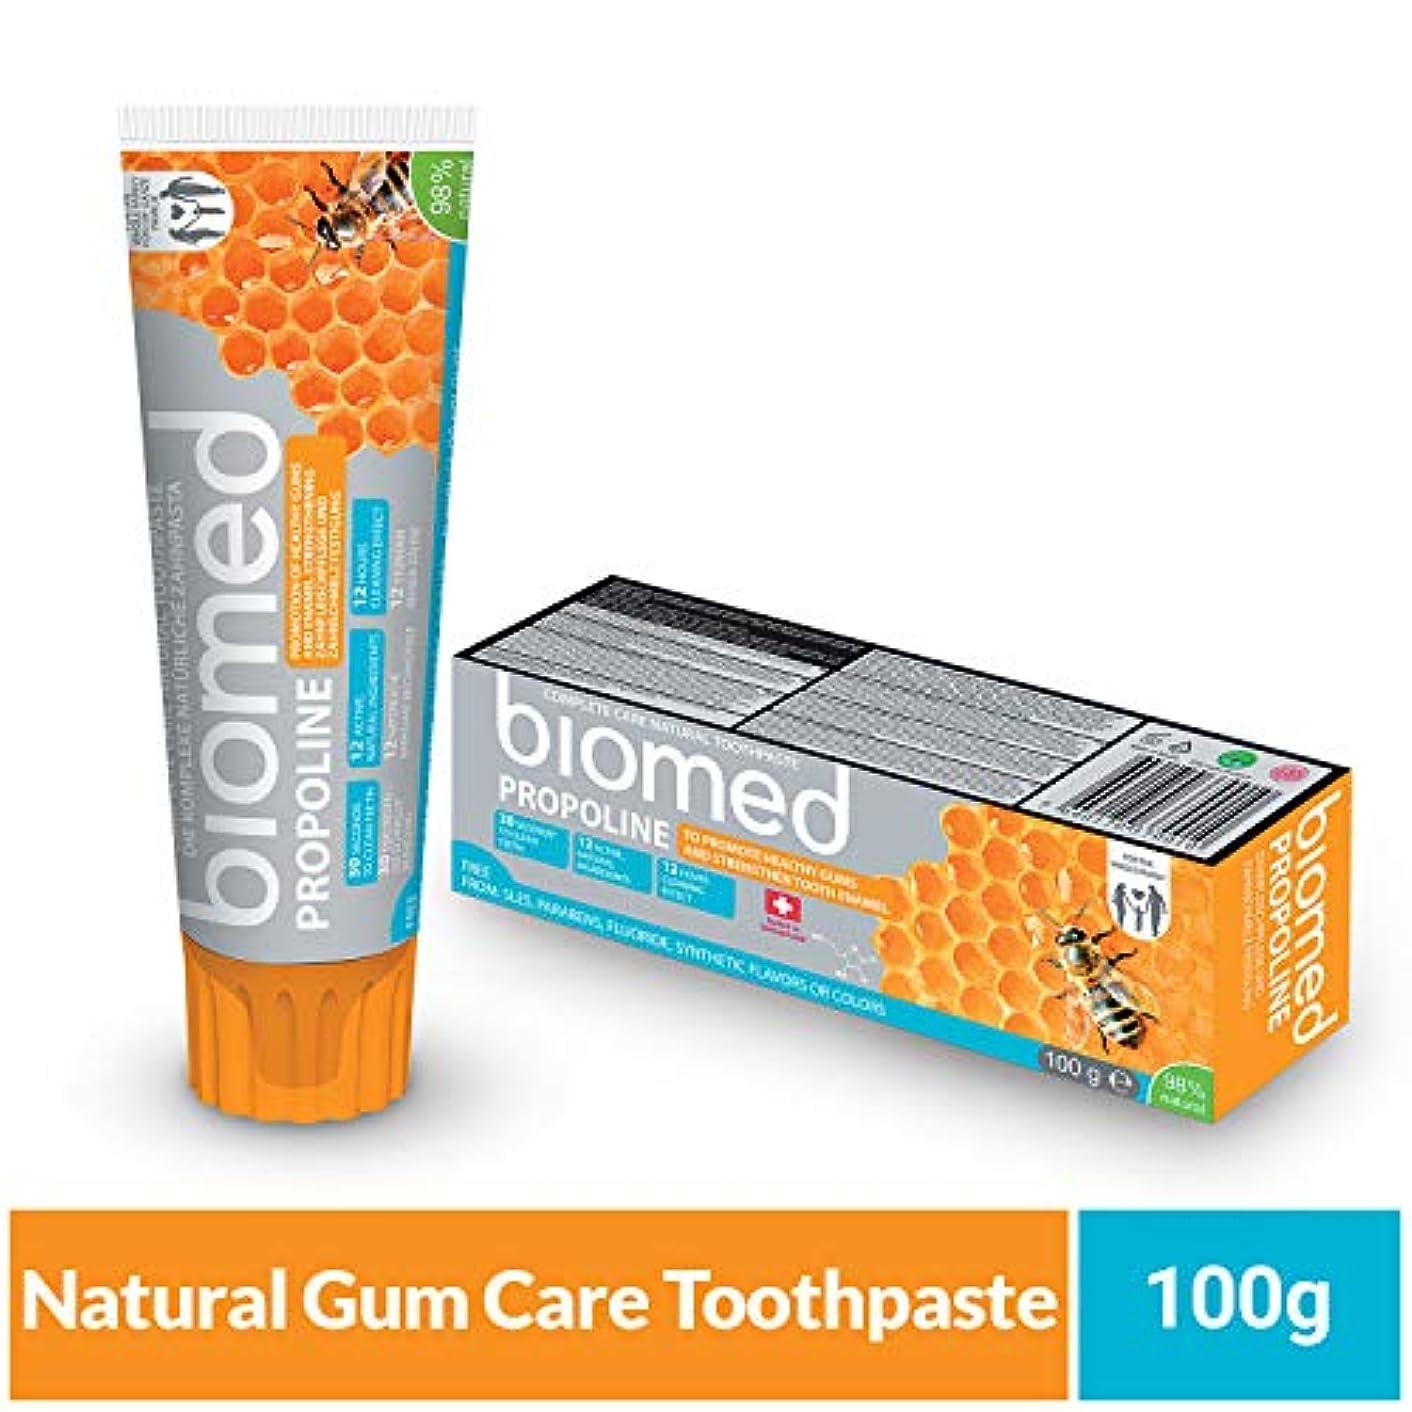 バイオメッドプロポリン練り歯磨き(75ml)